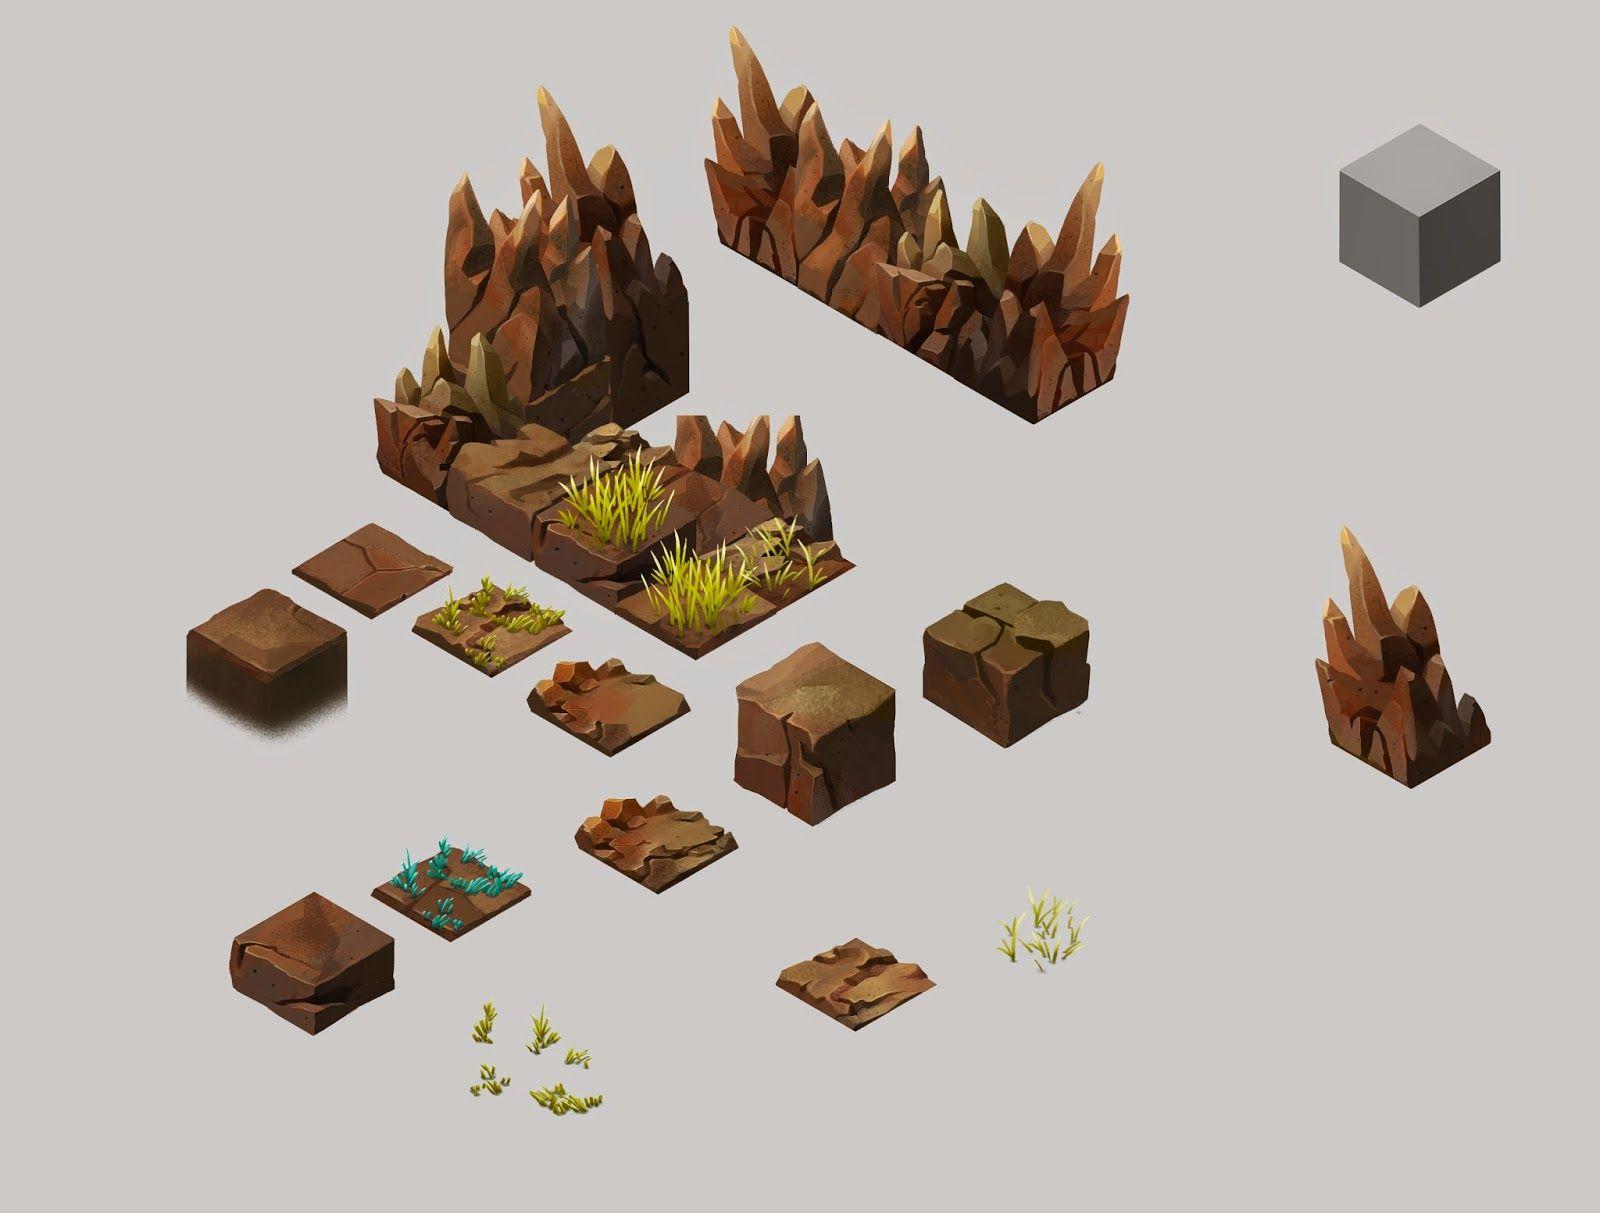 iso+ground+tiles+2.jpg (1600×1213)